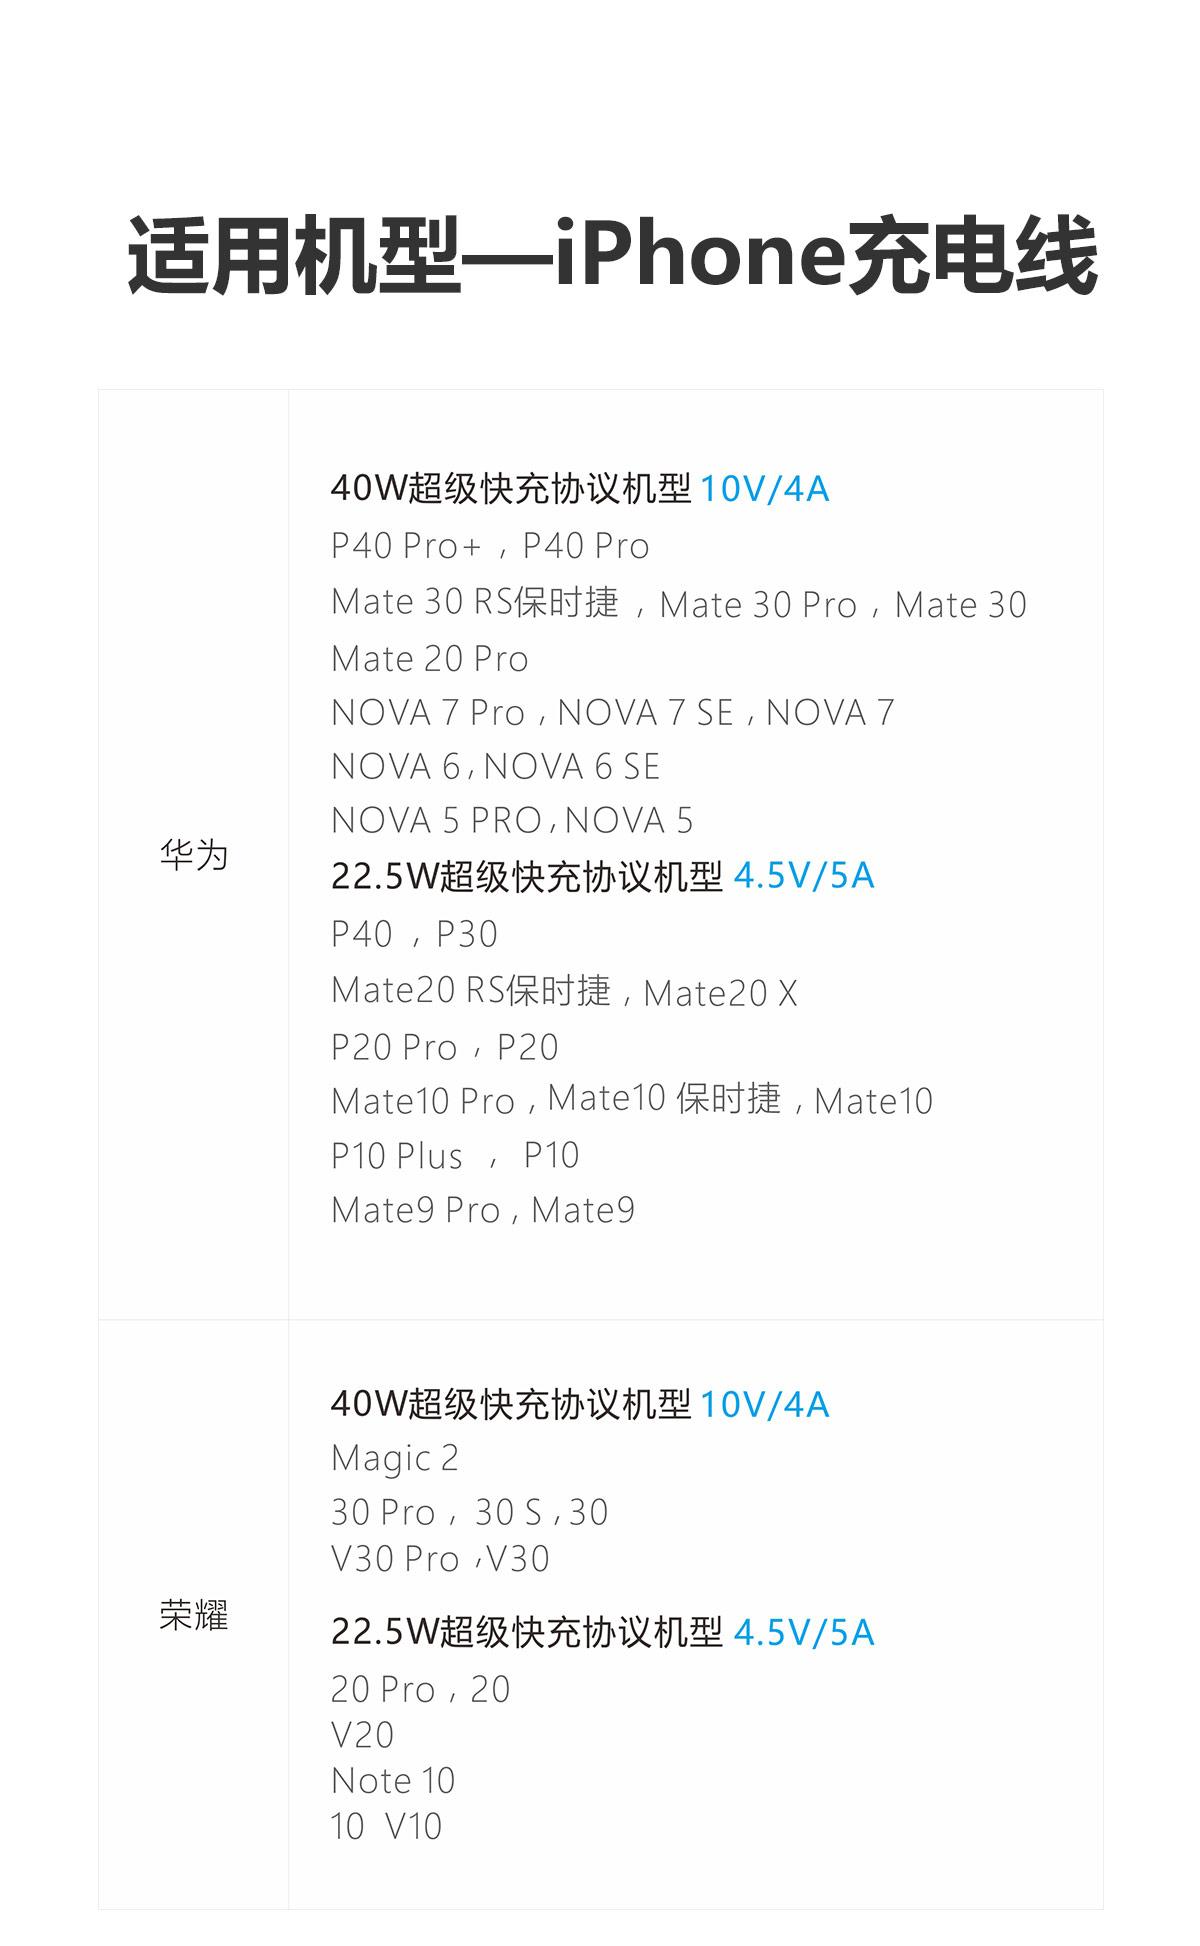 适用机型-iPhone充电线 华为 40W超级快充 10V/4A P40Pro+ P40 Mate 30 RS保时捷 Mate 30 Pro Mate 30 Mate 20 Pro NOVA 7 PRO NOVA 7 SE NOVA 7 NOVA 6 NOVA 6 SE NOVA 5 PRO NOVA 5 ;22.5W超级快充协议机型 4.5V/5A P40 P30 Mate20 RS保时捷 Mate 20X P20 Pro P20 Mate10 Pro Mate10保时捷 Mate10 P10 Plus P10 Mate9 Pro Mate9 ; 荣耀 40w超级快充协议机型 10V/4A Magiv2 30 Pro 30s 30 V30 Pro V30 ; 22.5w 超级快充协议机型 4.5V/5A 20 Pro 20 V20 Note10 10 V10